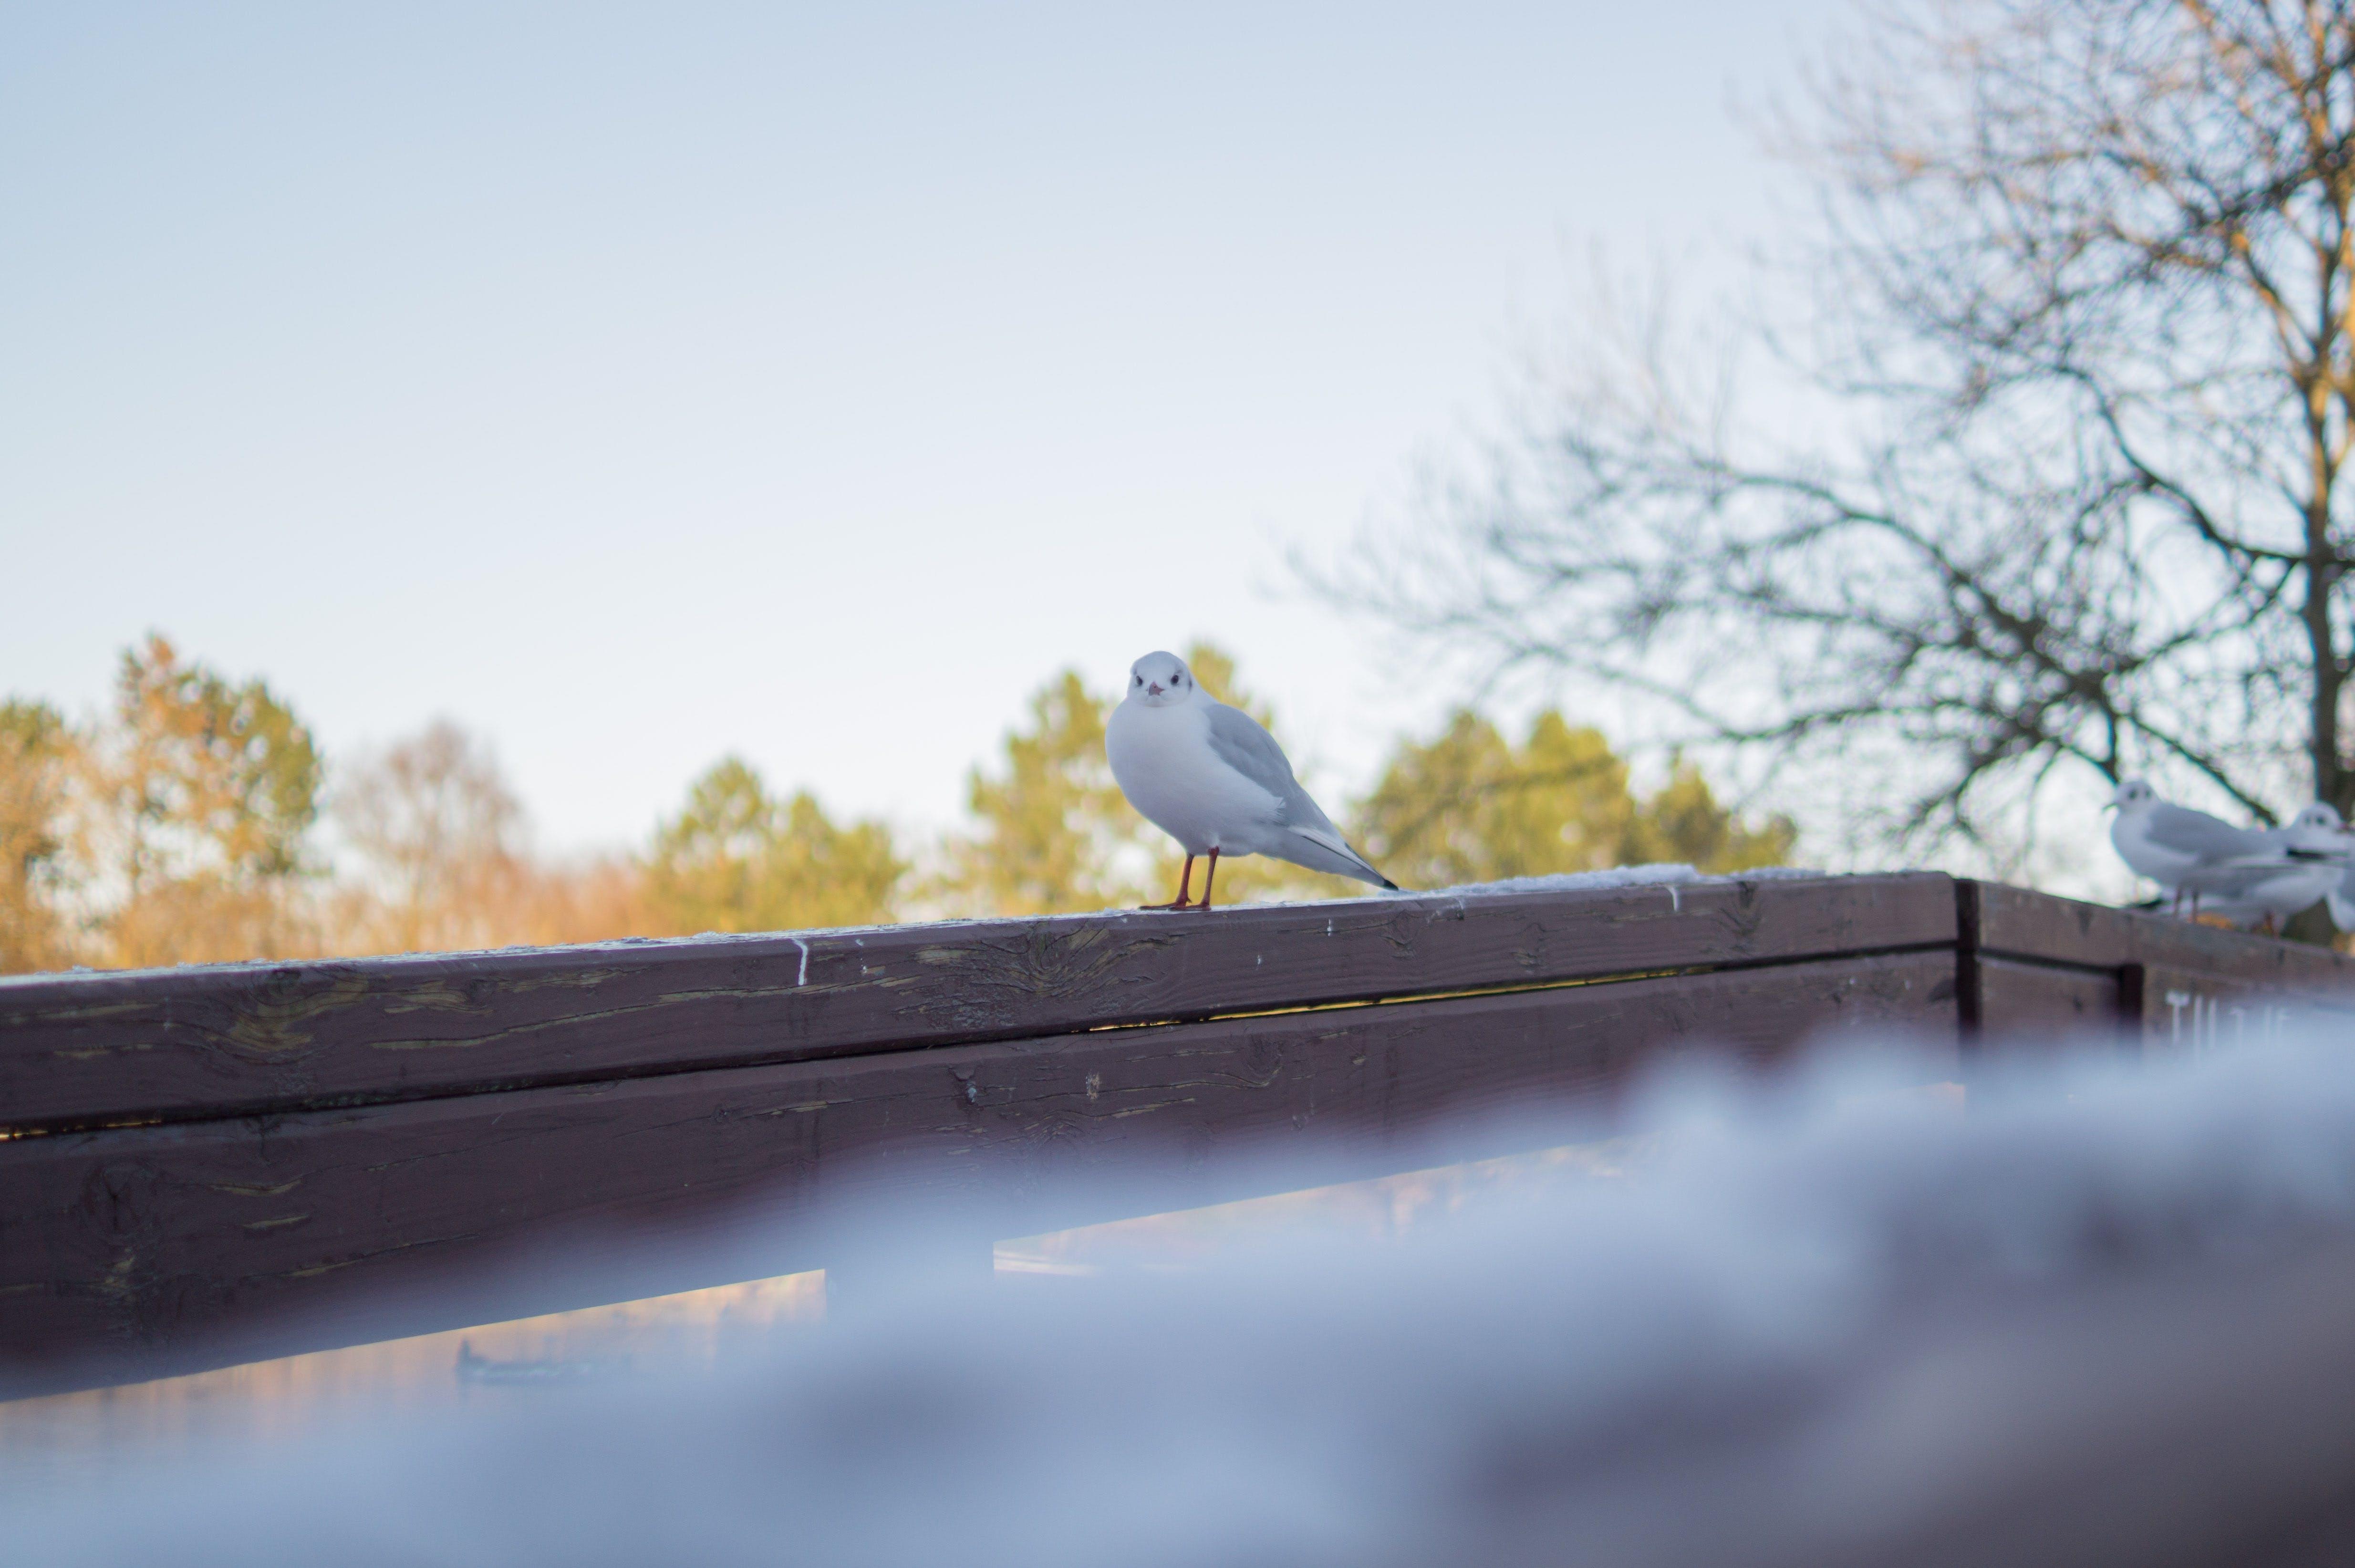 動物, 止まり木の無料の写真素材